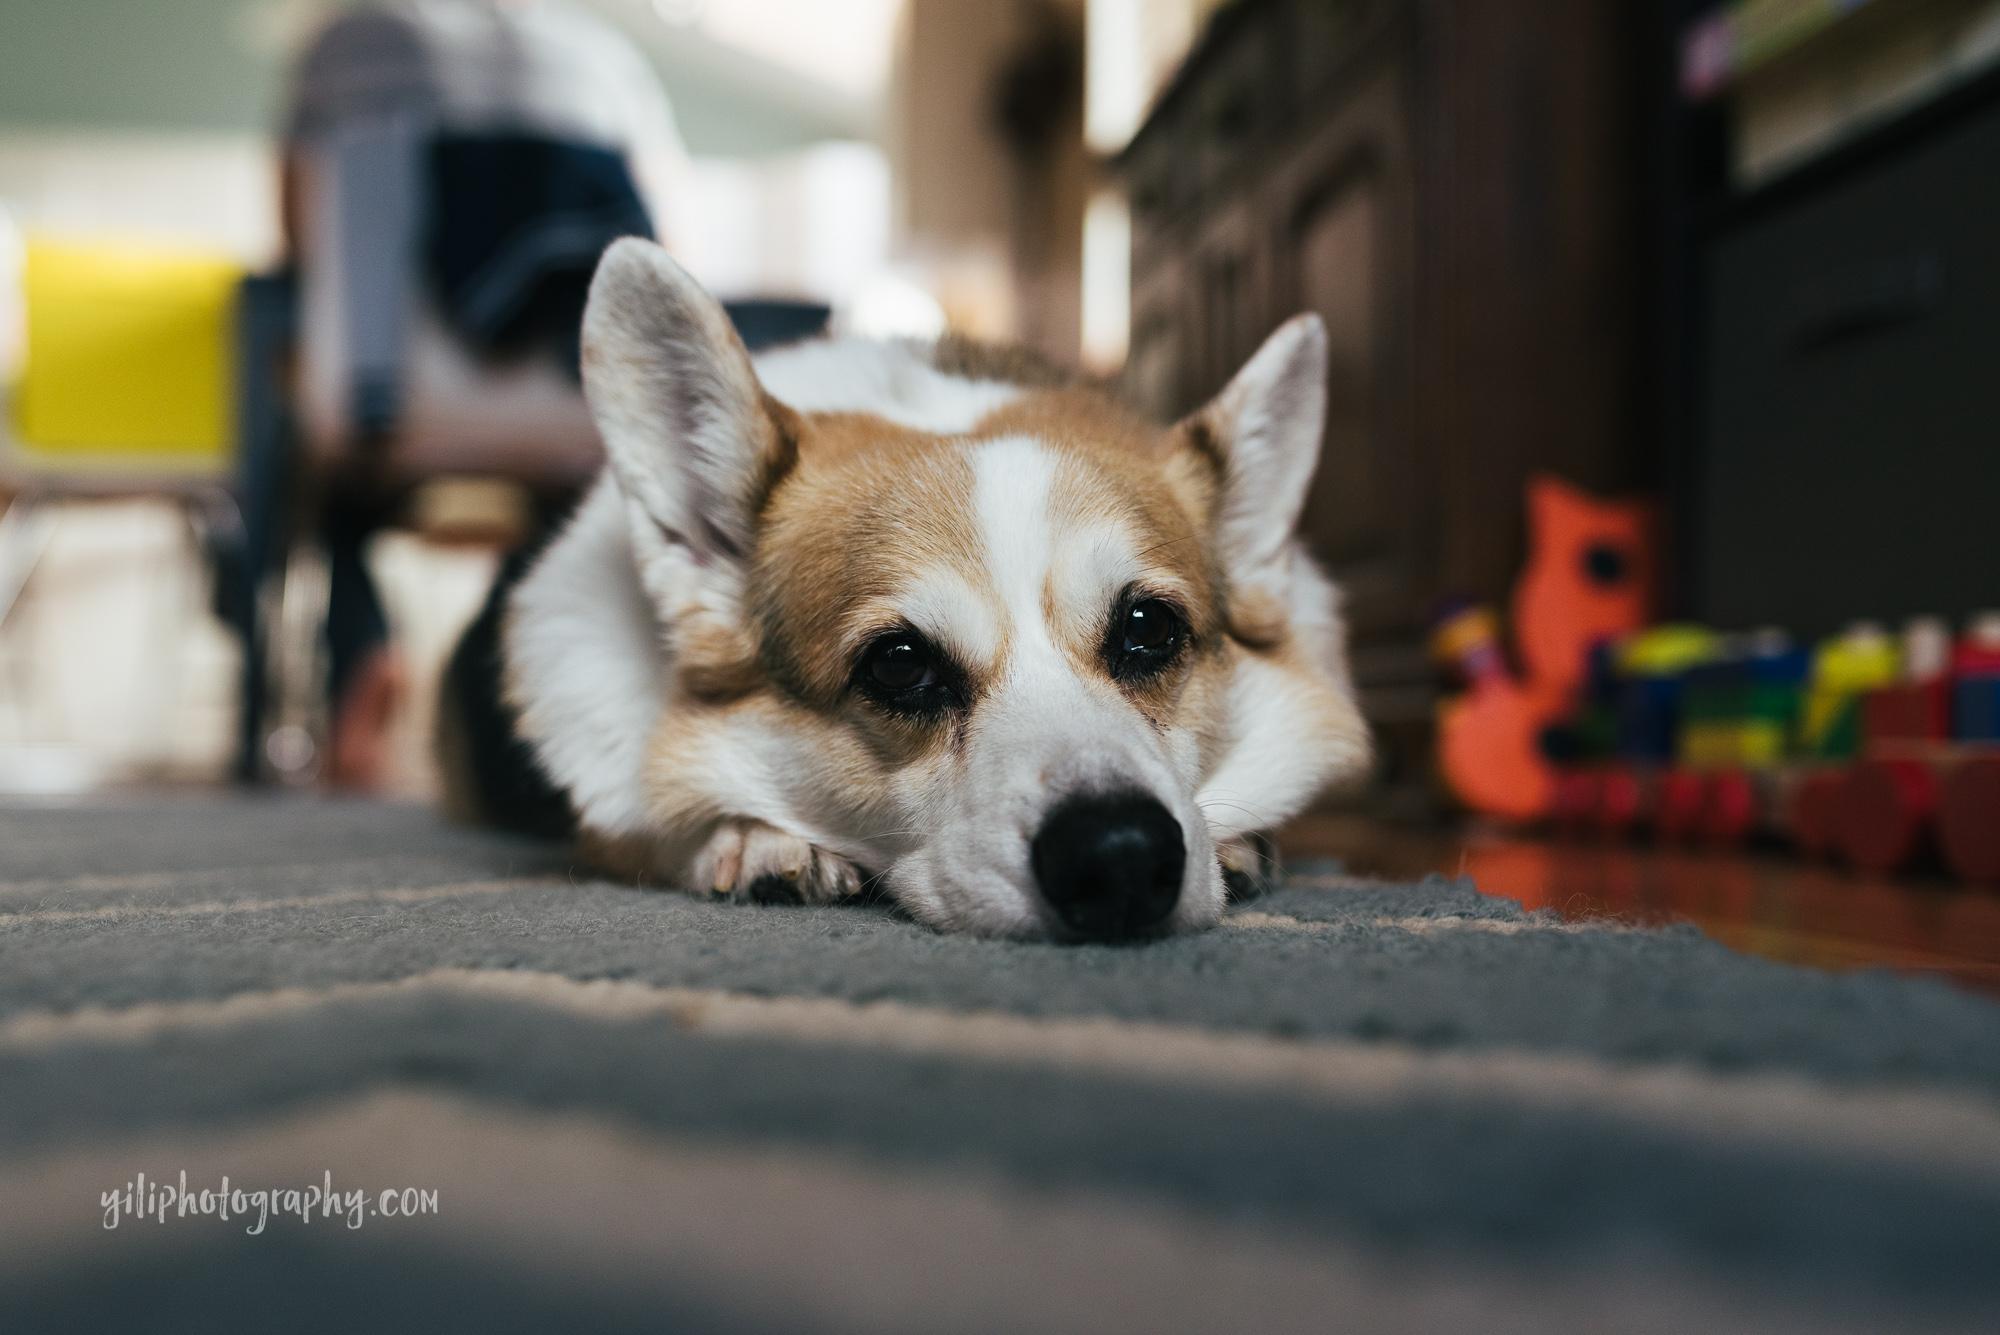 seattle family dog lying peacefully on rug